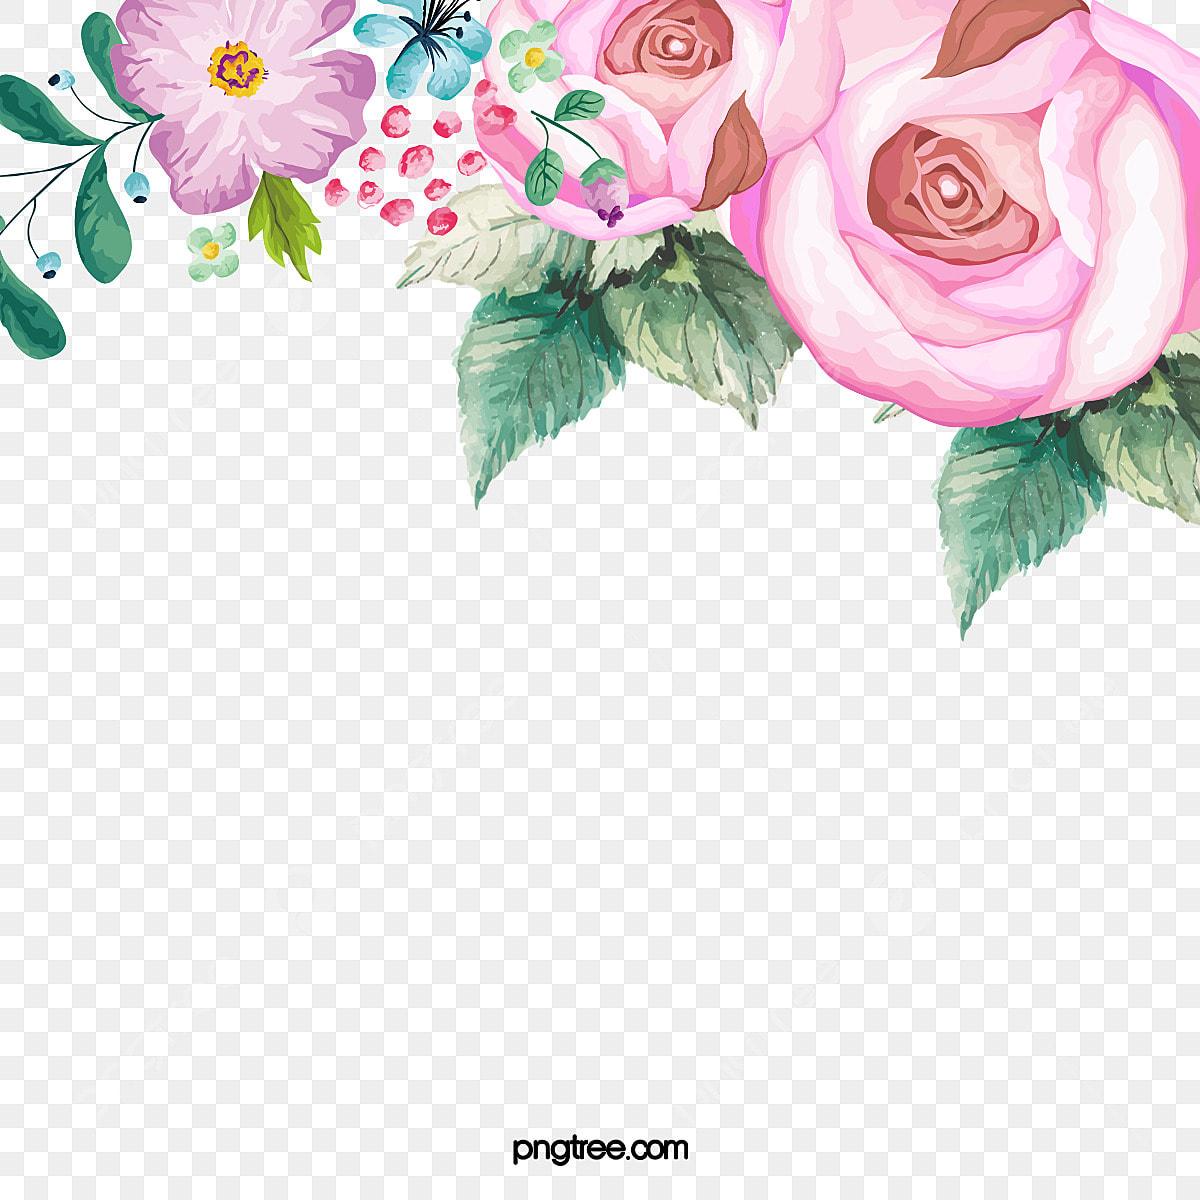 手描き花 手描き 花 イラスト画像とpsd素材ファイルの無料ダウンロード